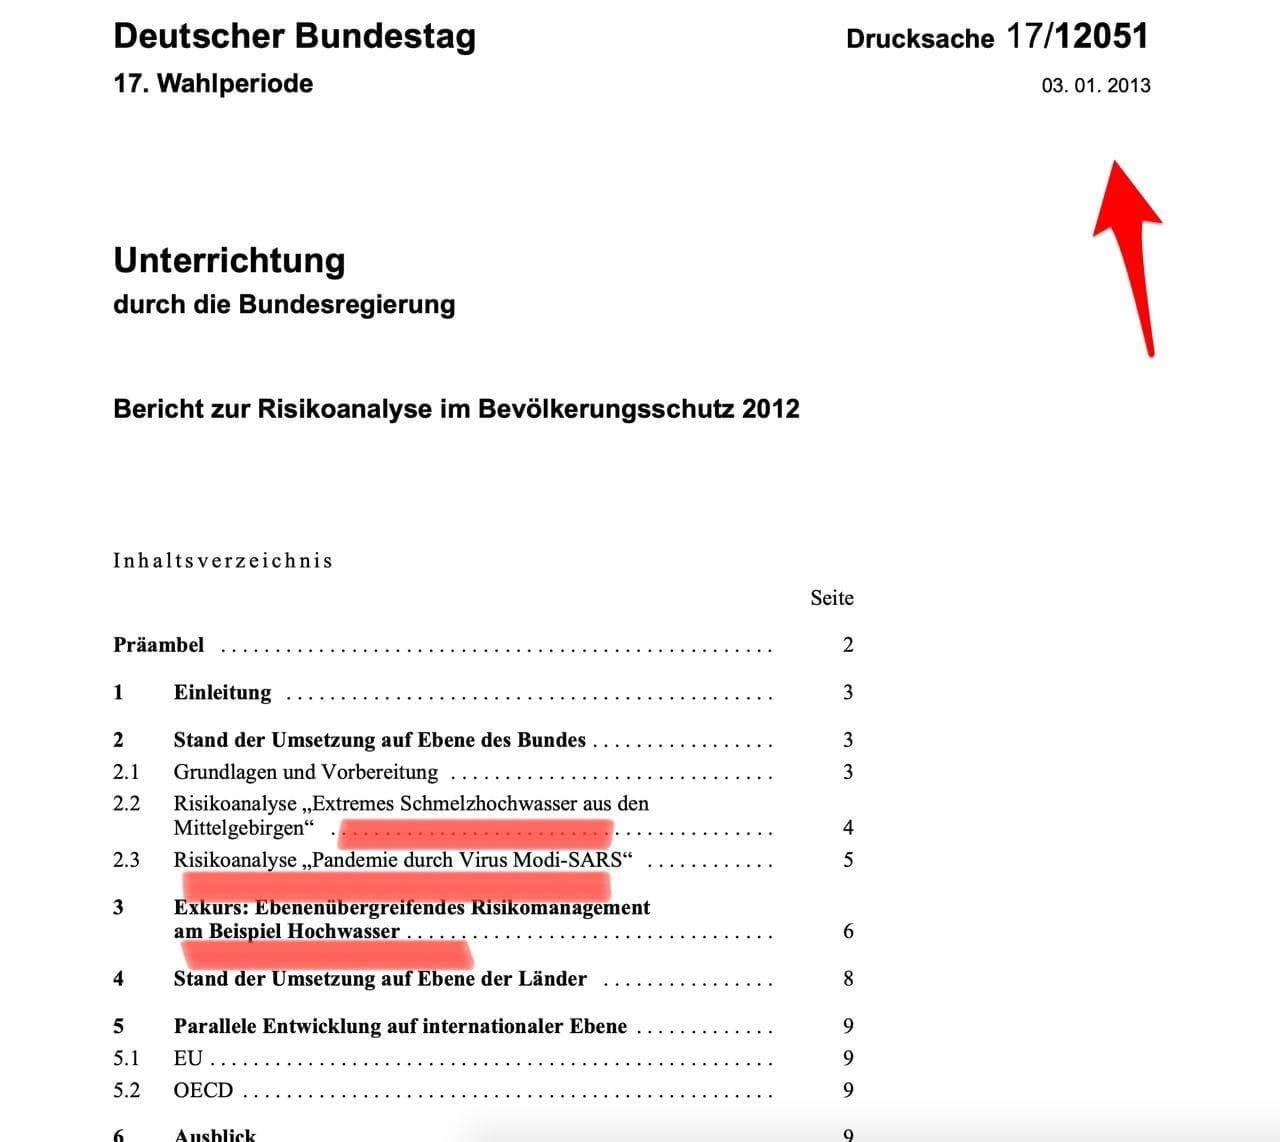 BUNDESTAG 2013: Es stand bereits 2013 fest, was heute alles passieren wird!